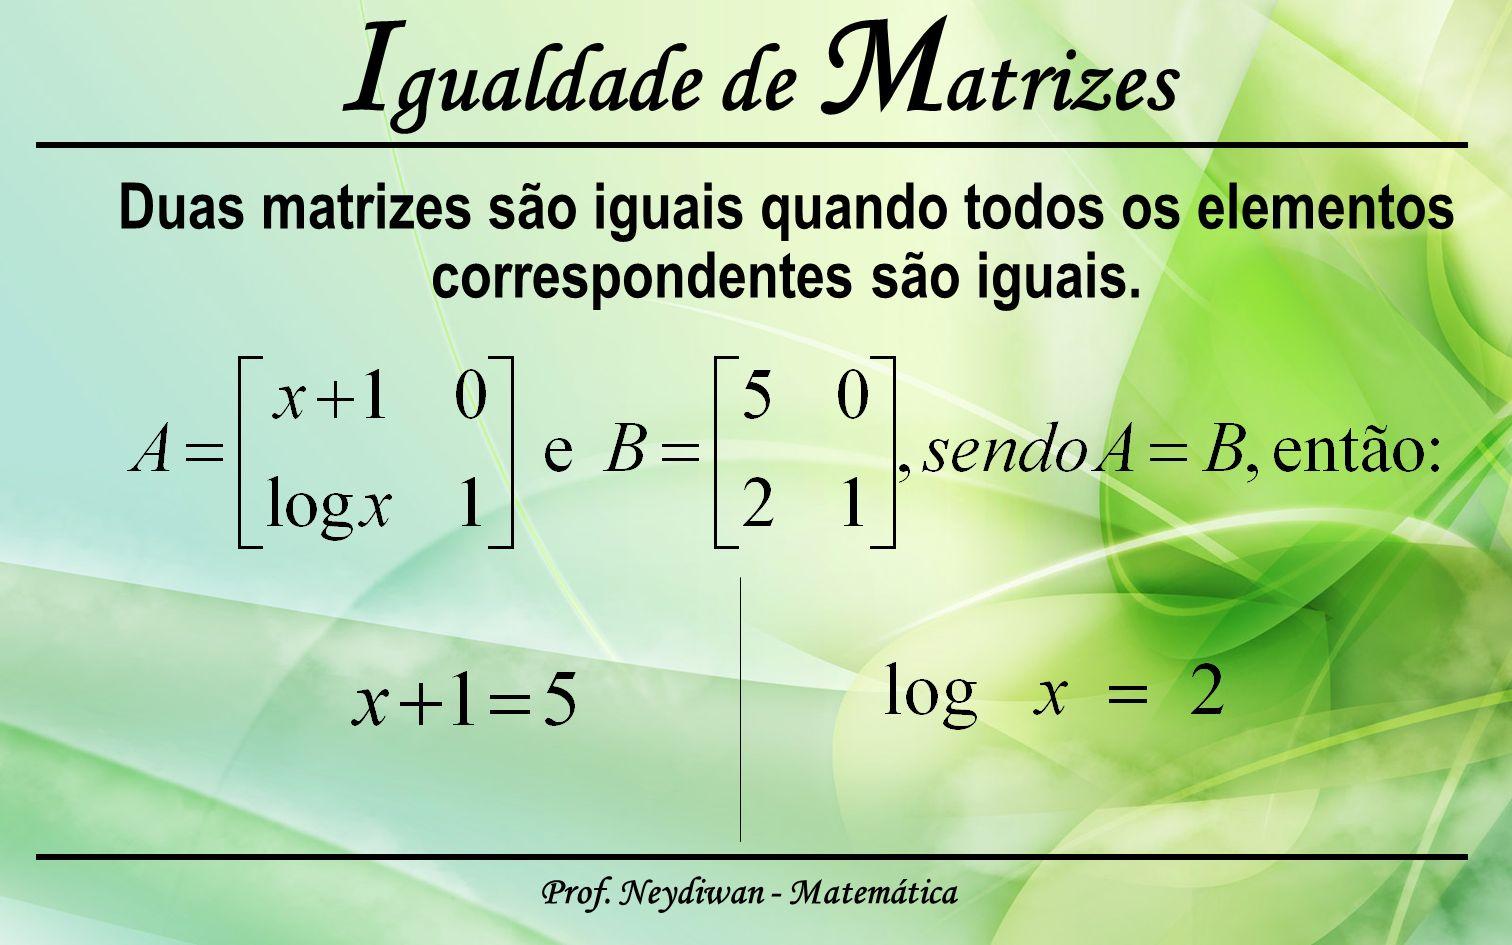 Prof. Neydiwan - Matemática I gualdade de M atrizes Duas matrizes são iguais quando todos os elementos correspondentes são iguais.